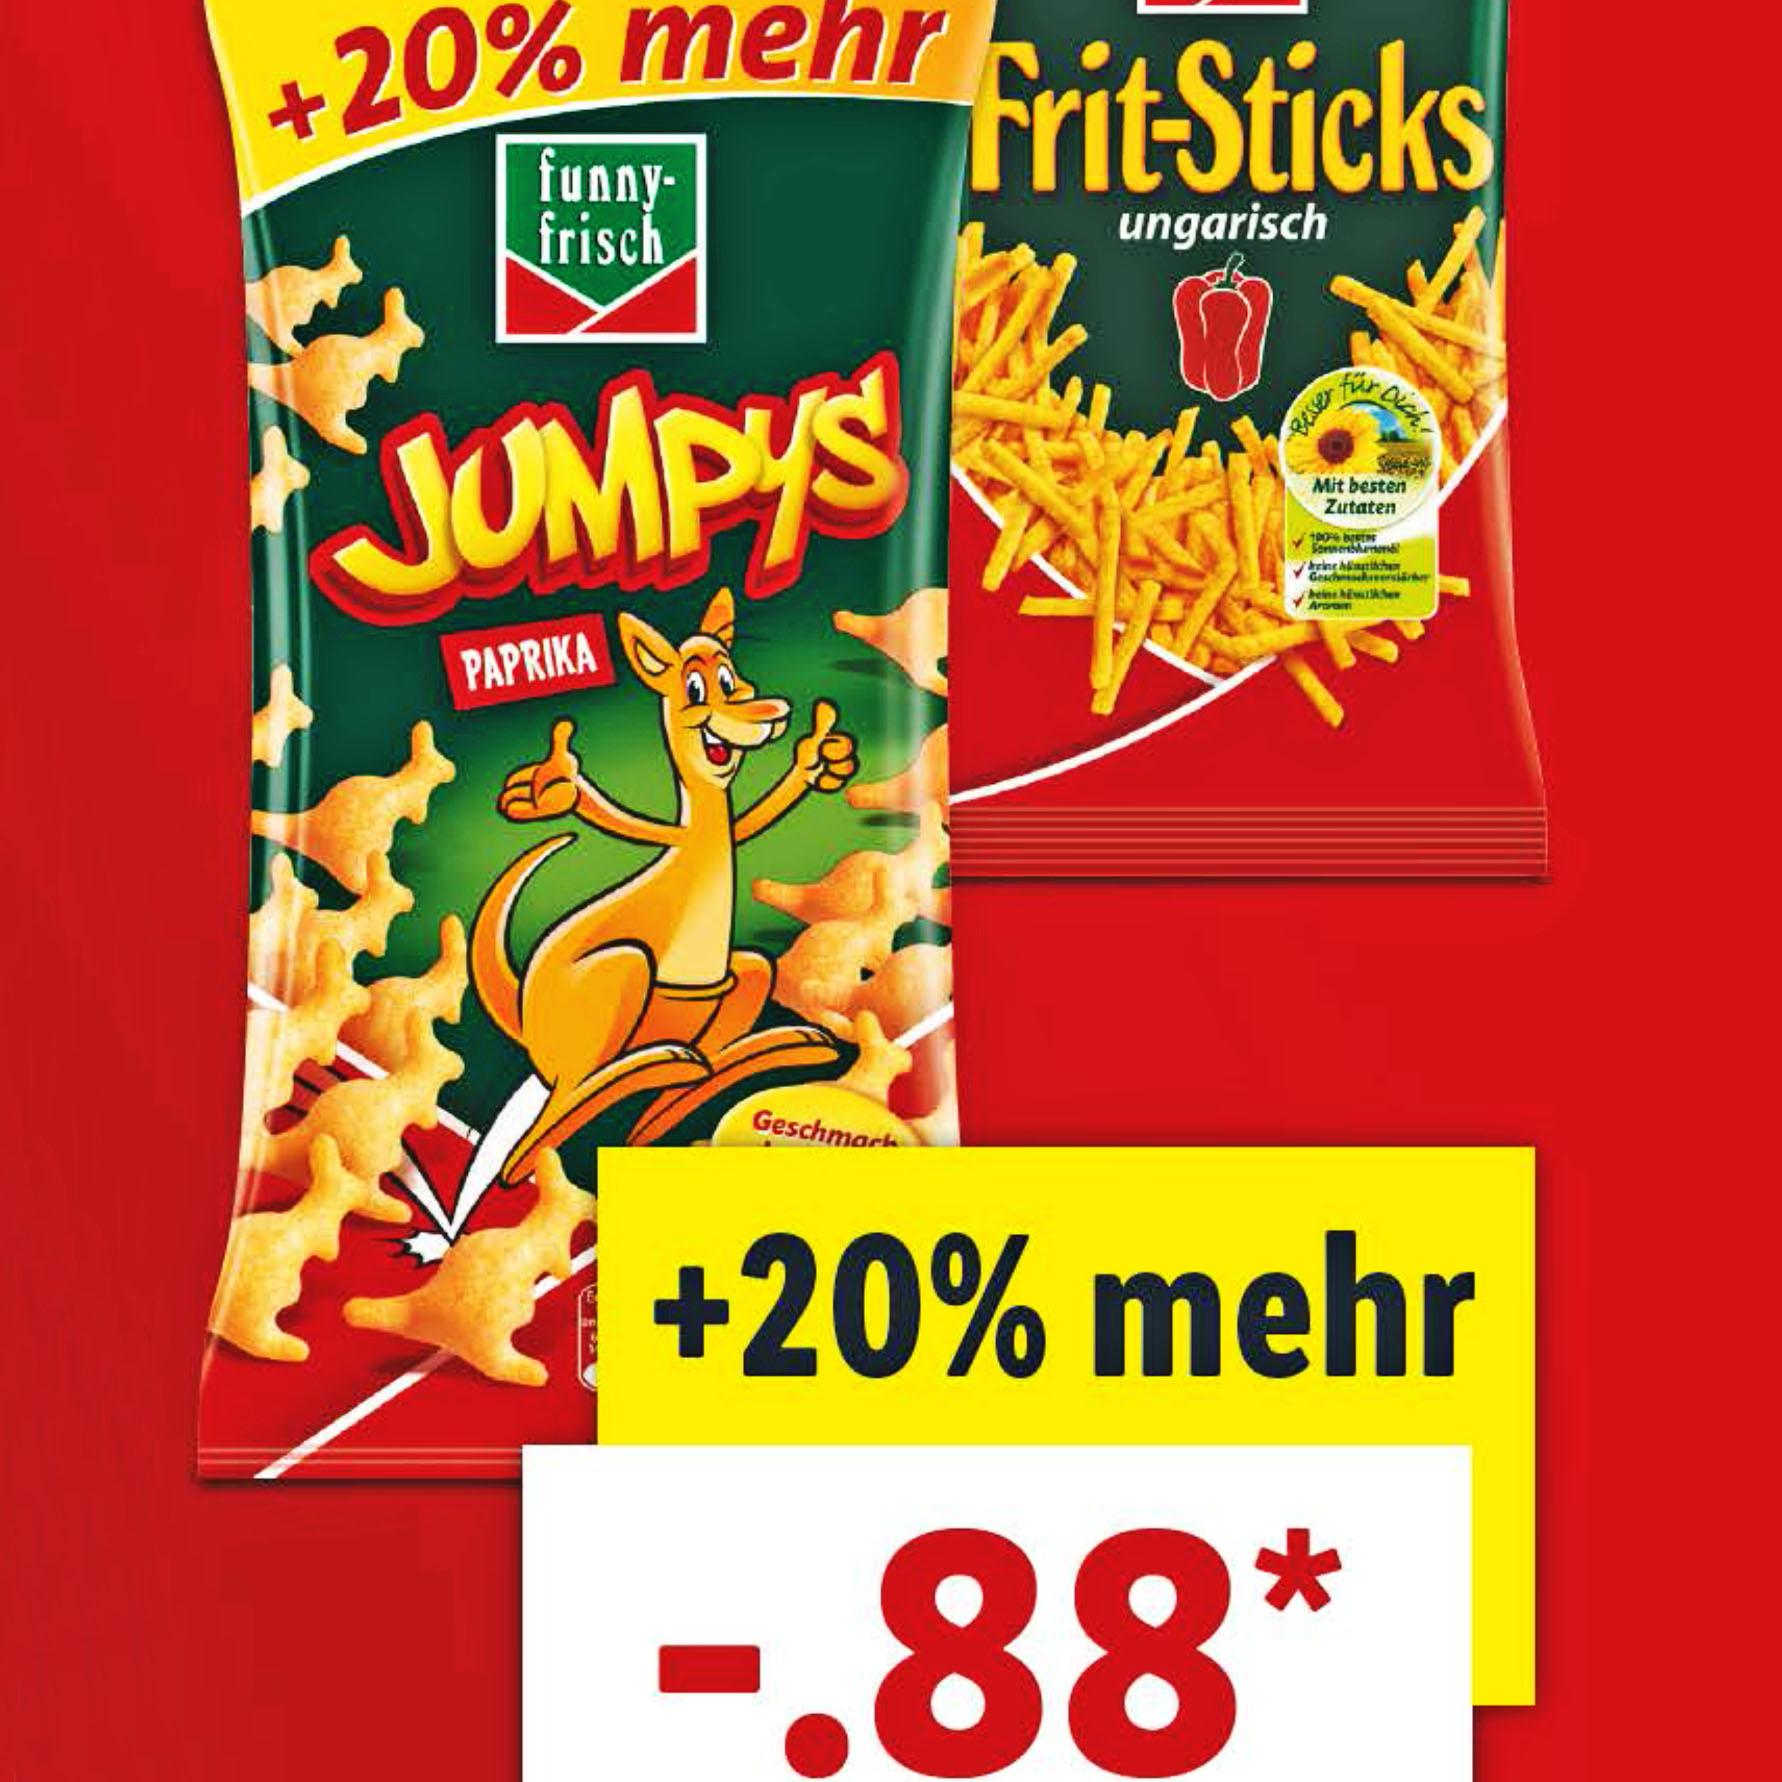 Funny-Spezialitäten Jumpys, Ringli und die leckeren Frit-Sticks mit 20% mehr Inhalt für nur 88 Cent bei (Lidl)